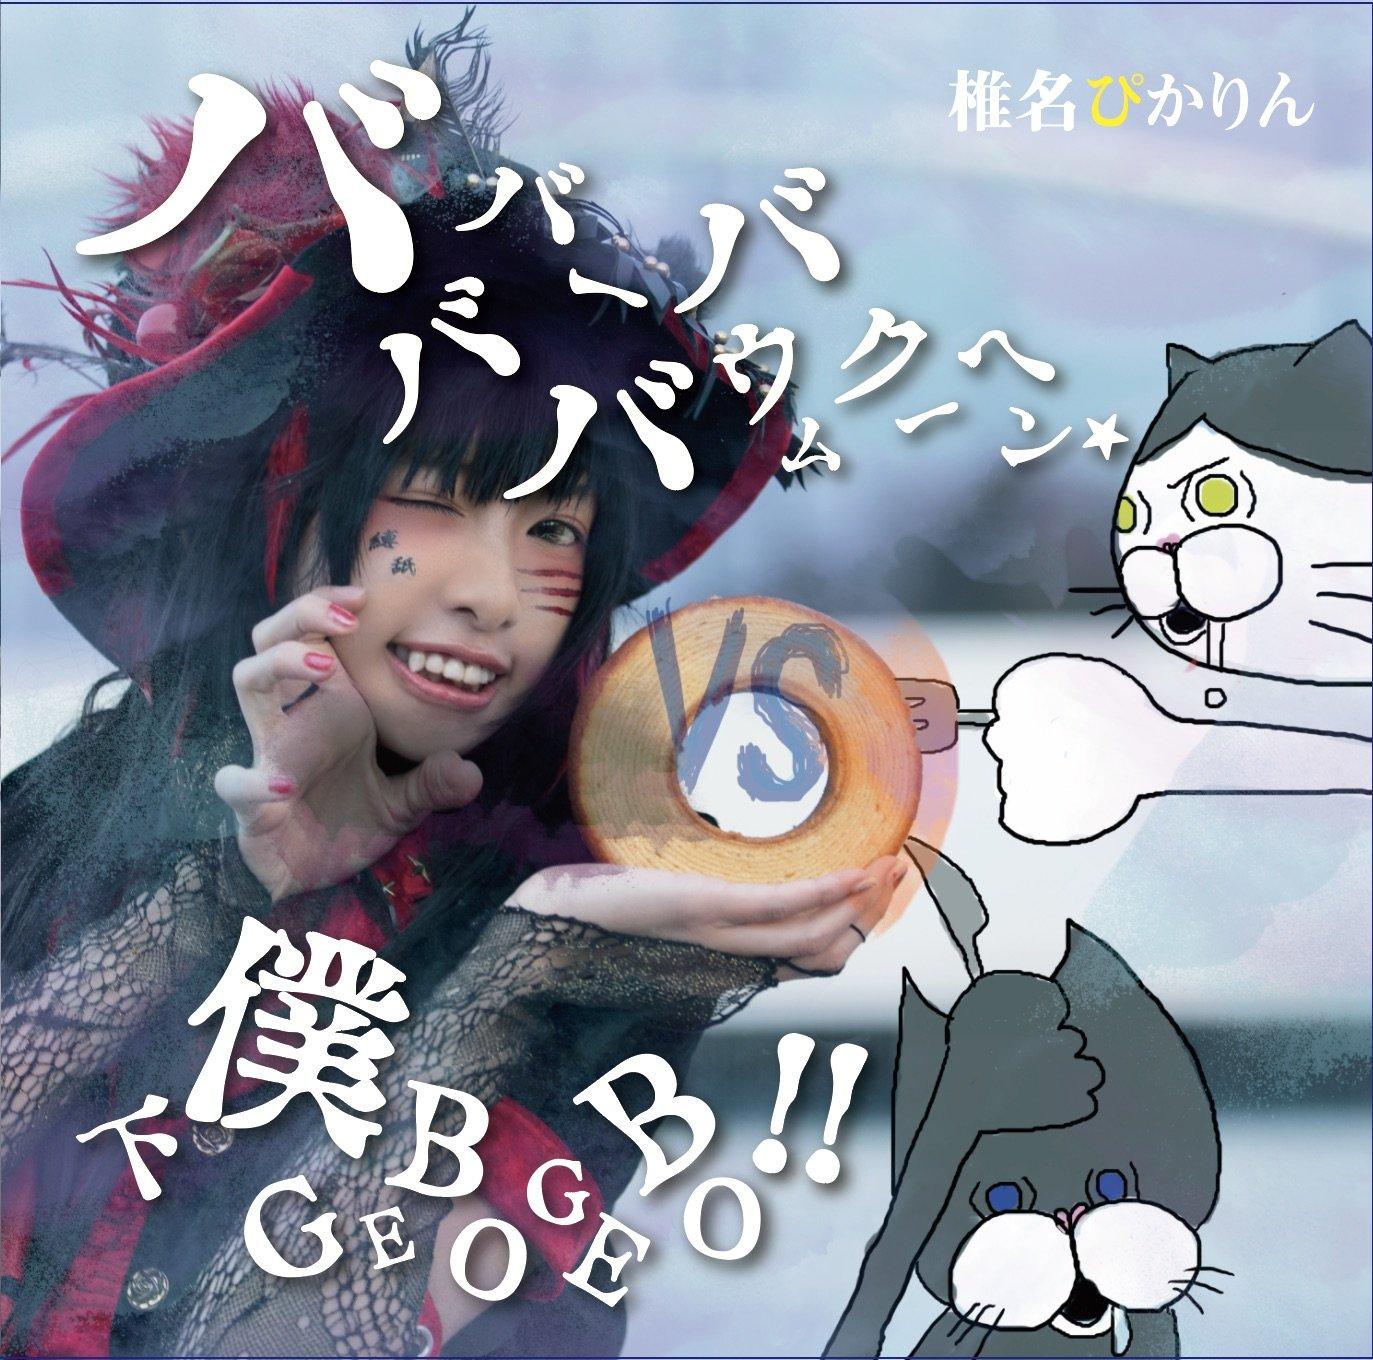 バババーババウムクーヘン★/下僕GEBO GEBO!!